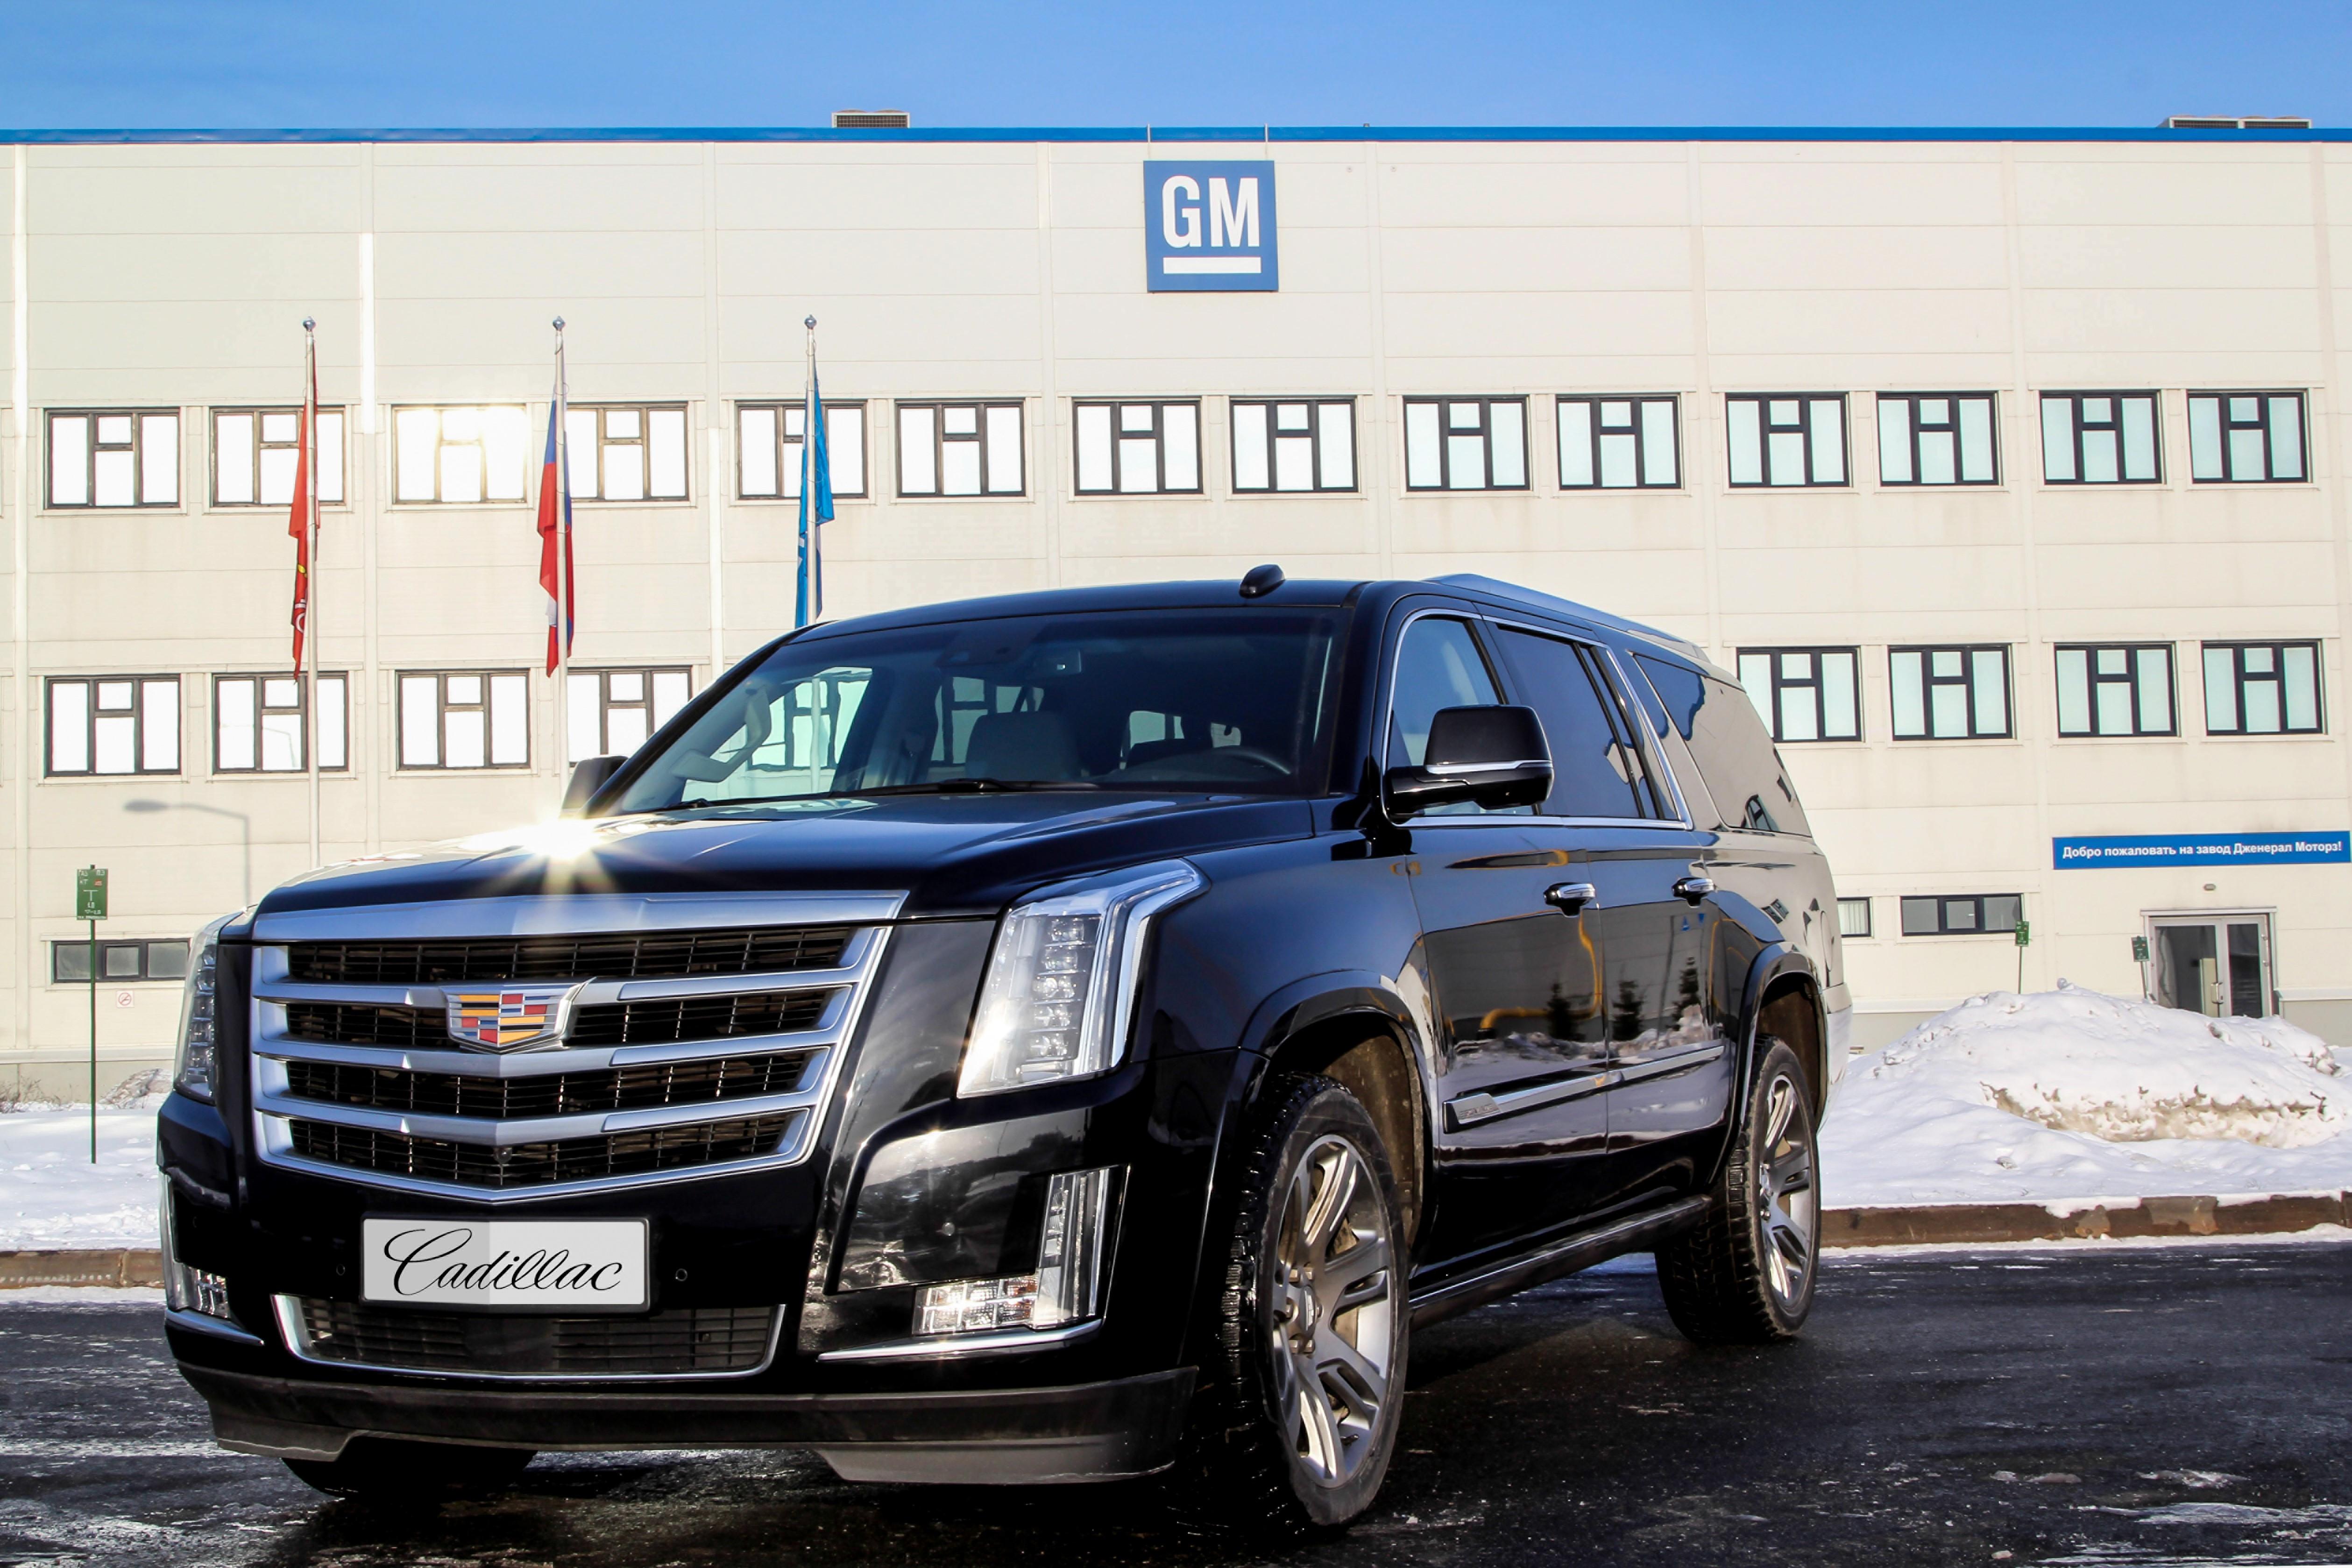 Cadillac-Escalade-3-RU.jpg